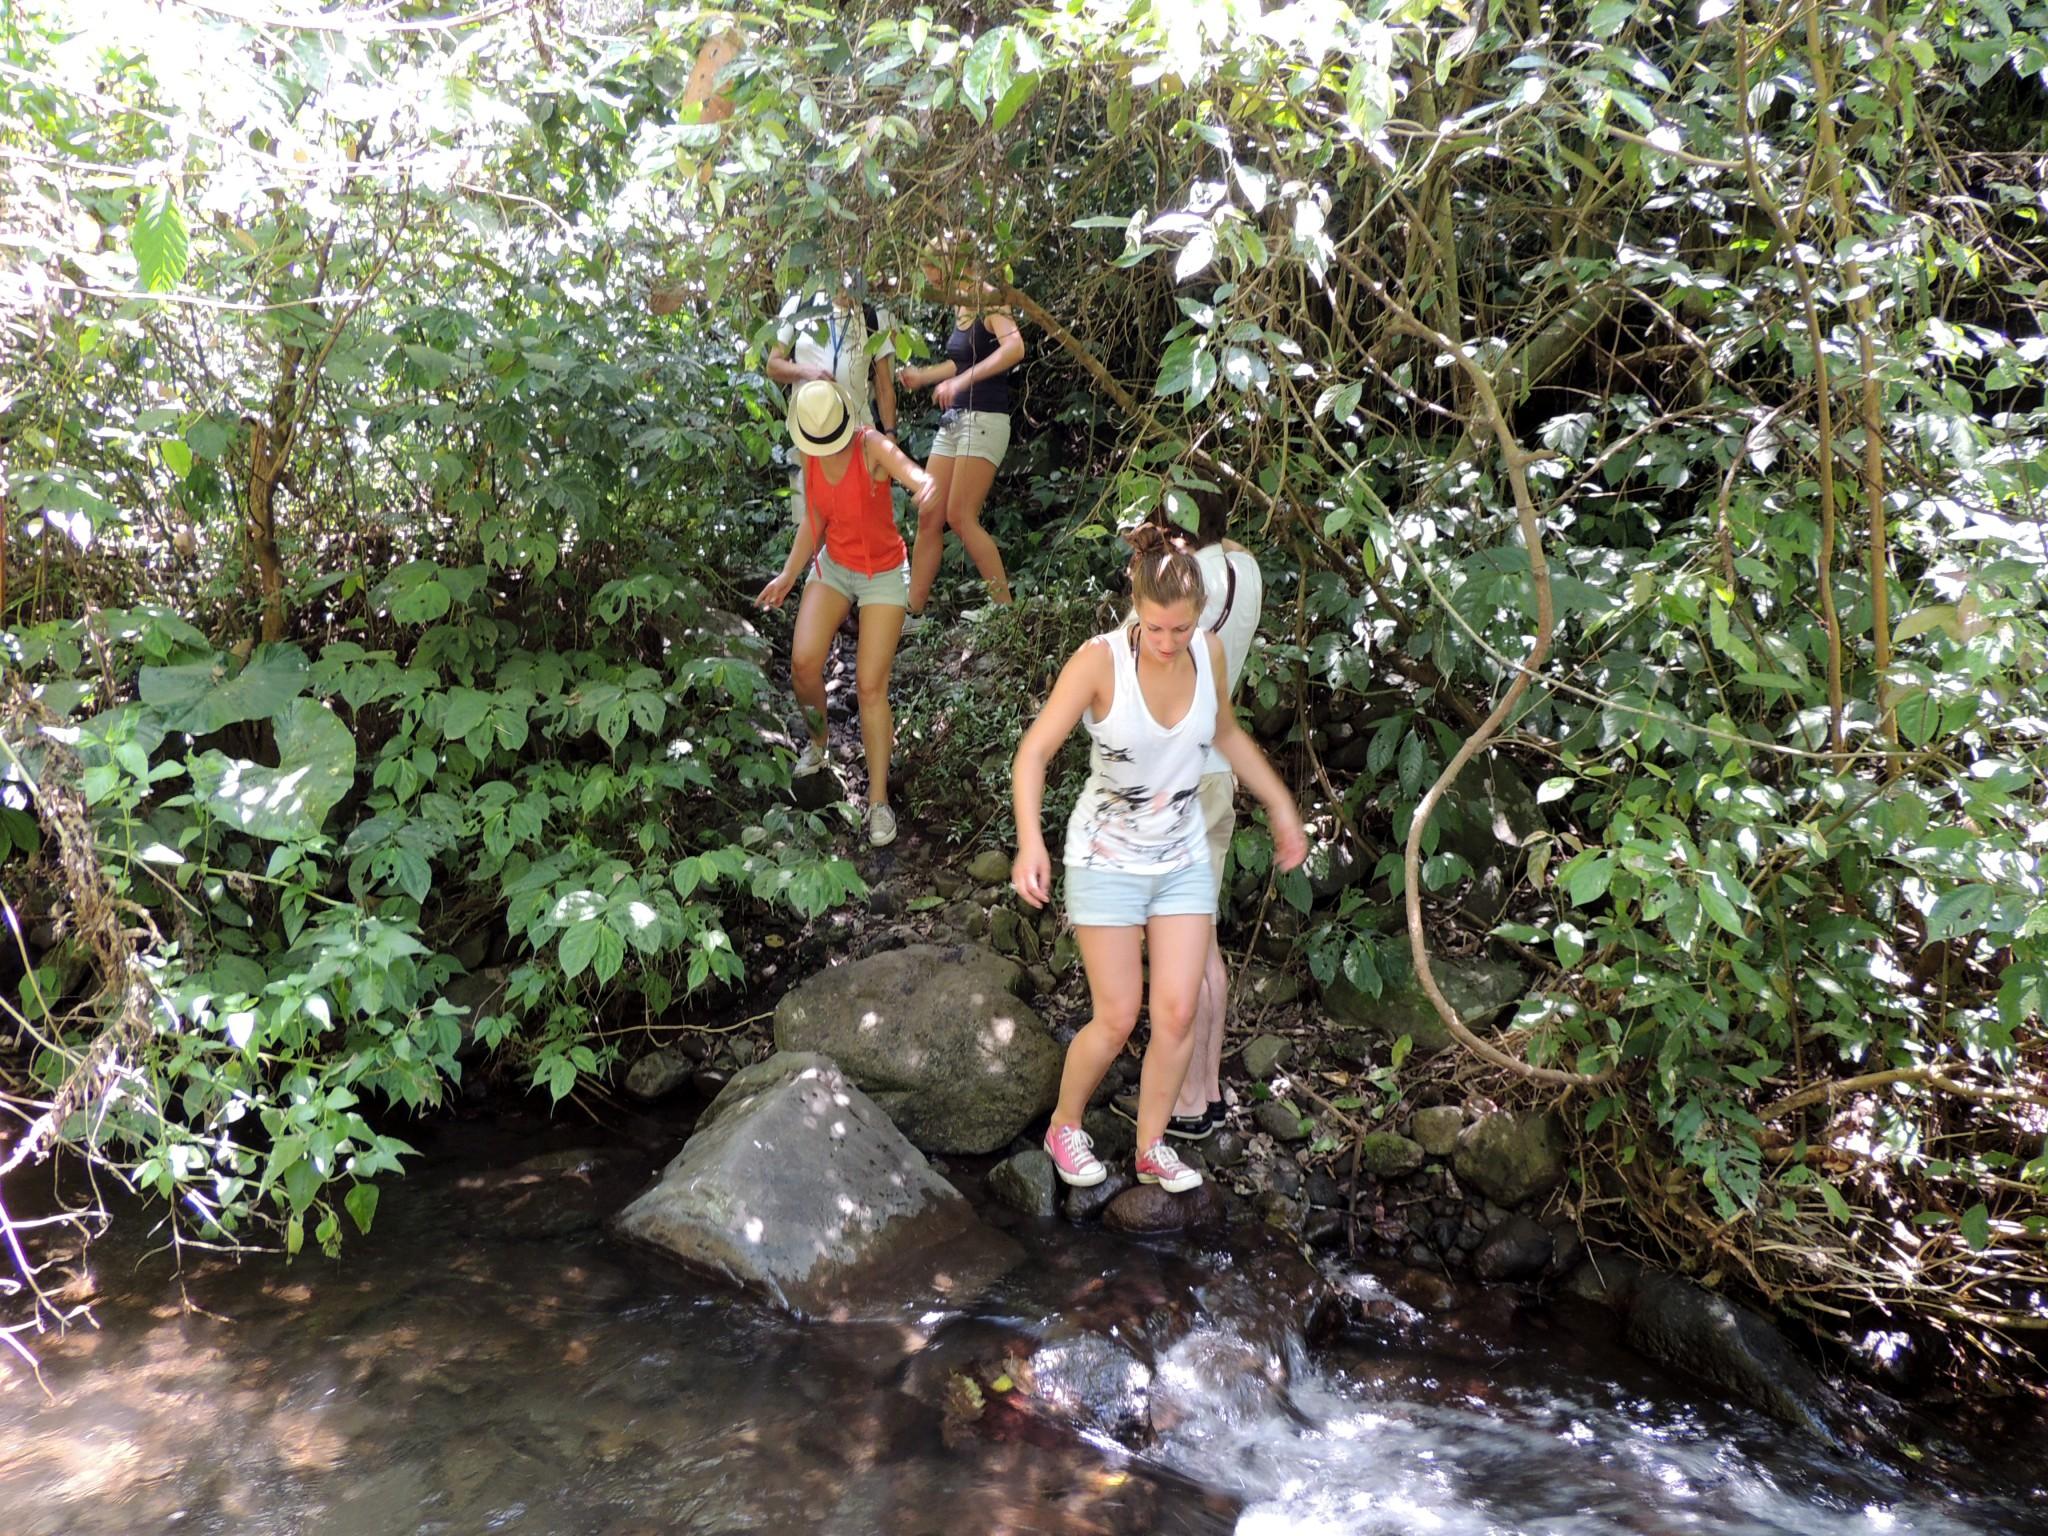 Indonesië, wandeling naar waterval in omgeving van Malang - Oost Java